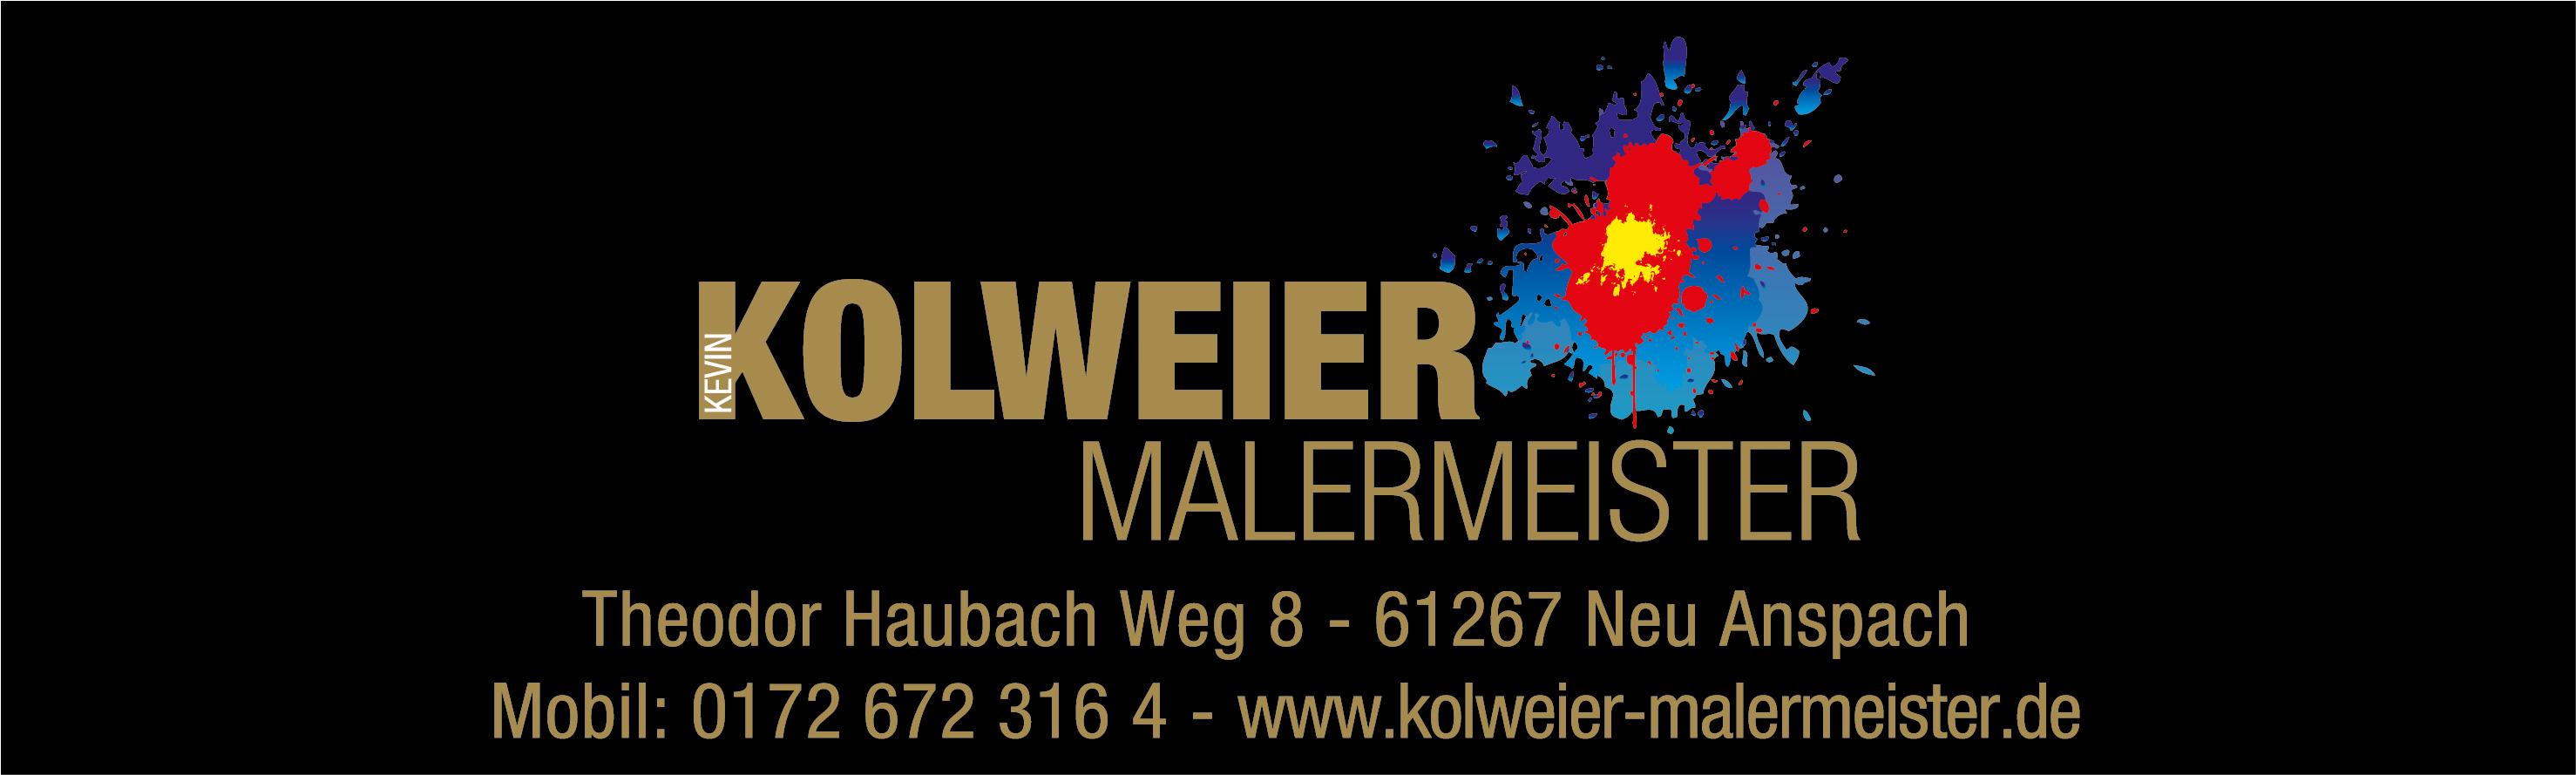 Kolweier_15x50